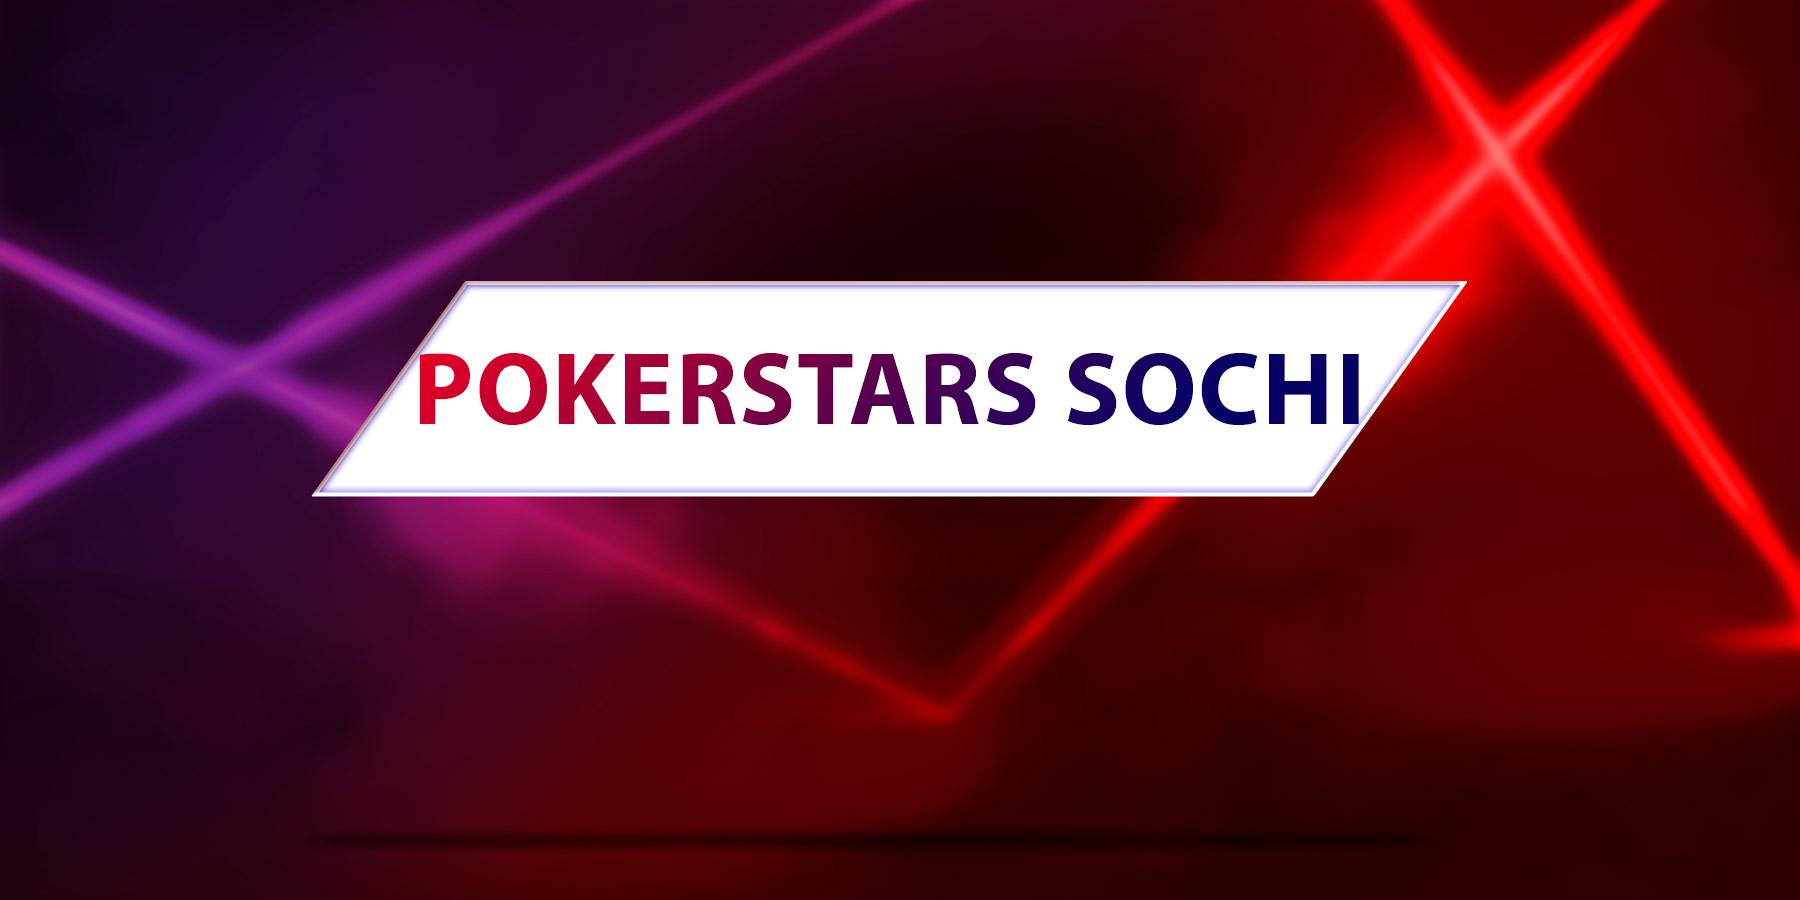 ПокерСтарс Сочи – официальный рум для российских игроков